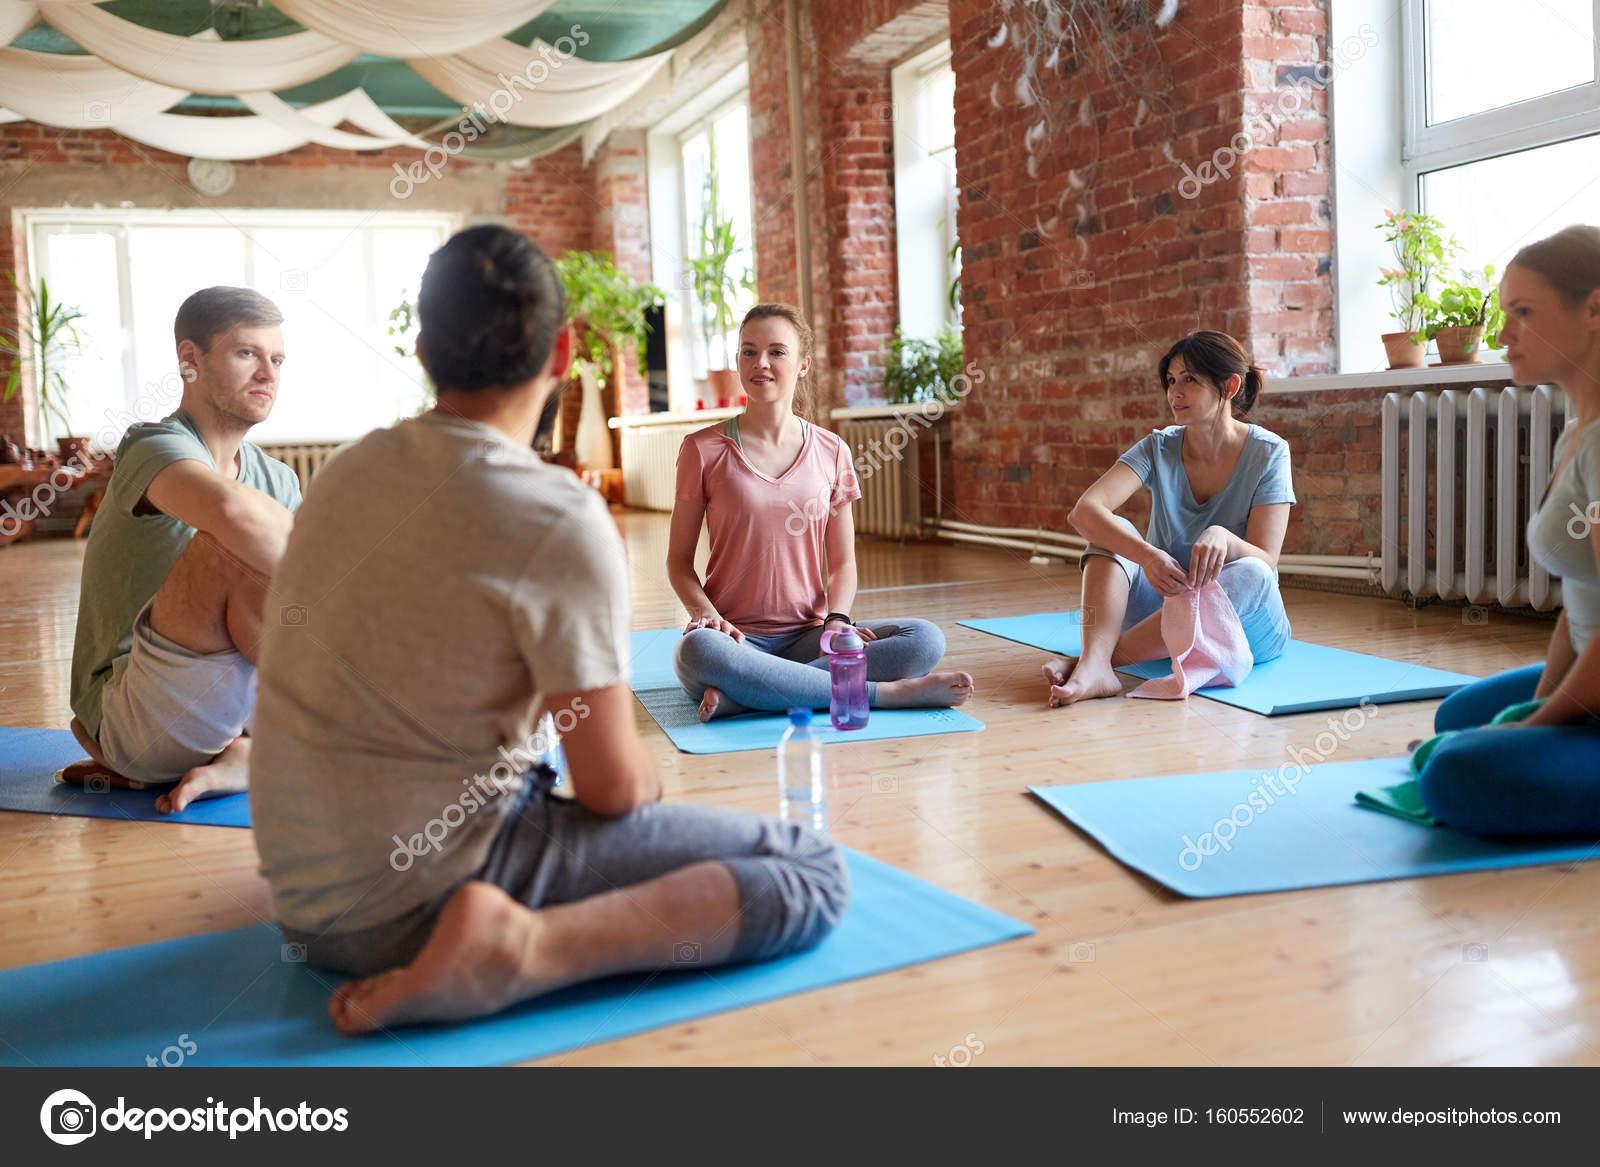 Ufficio Disegno Yoga : Gruppo di persone che riposa su stuoie di yoga presso studio u2014 foto